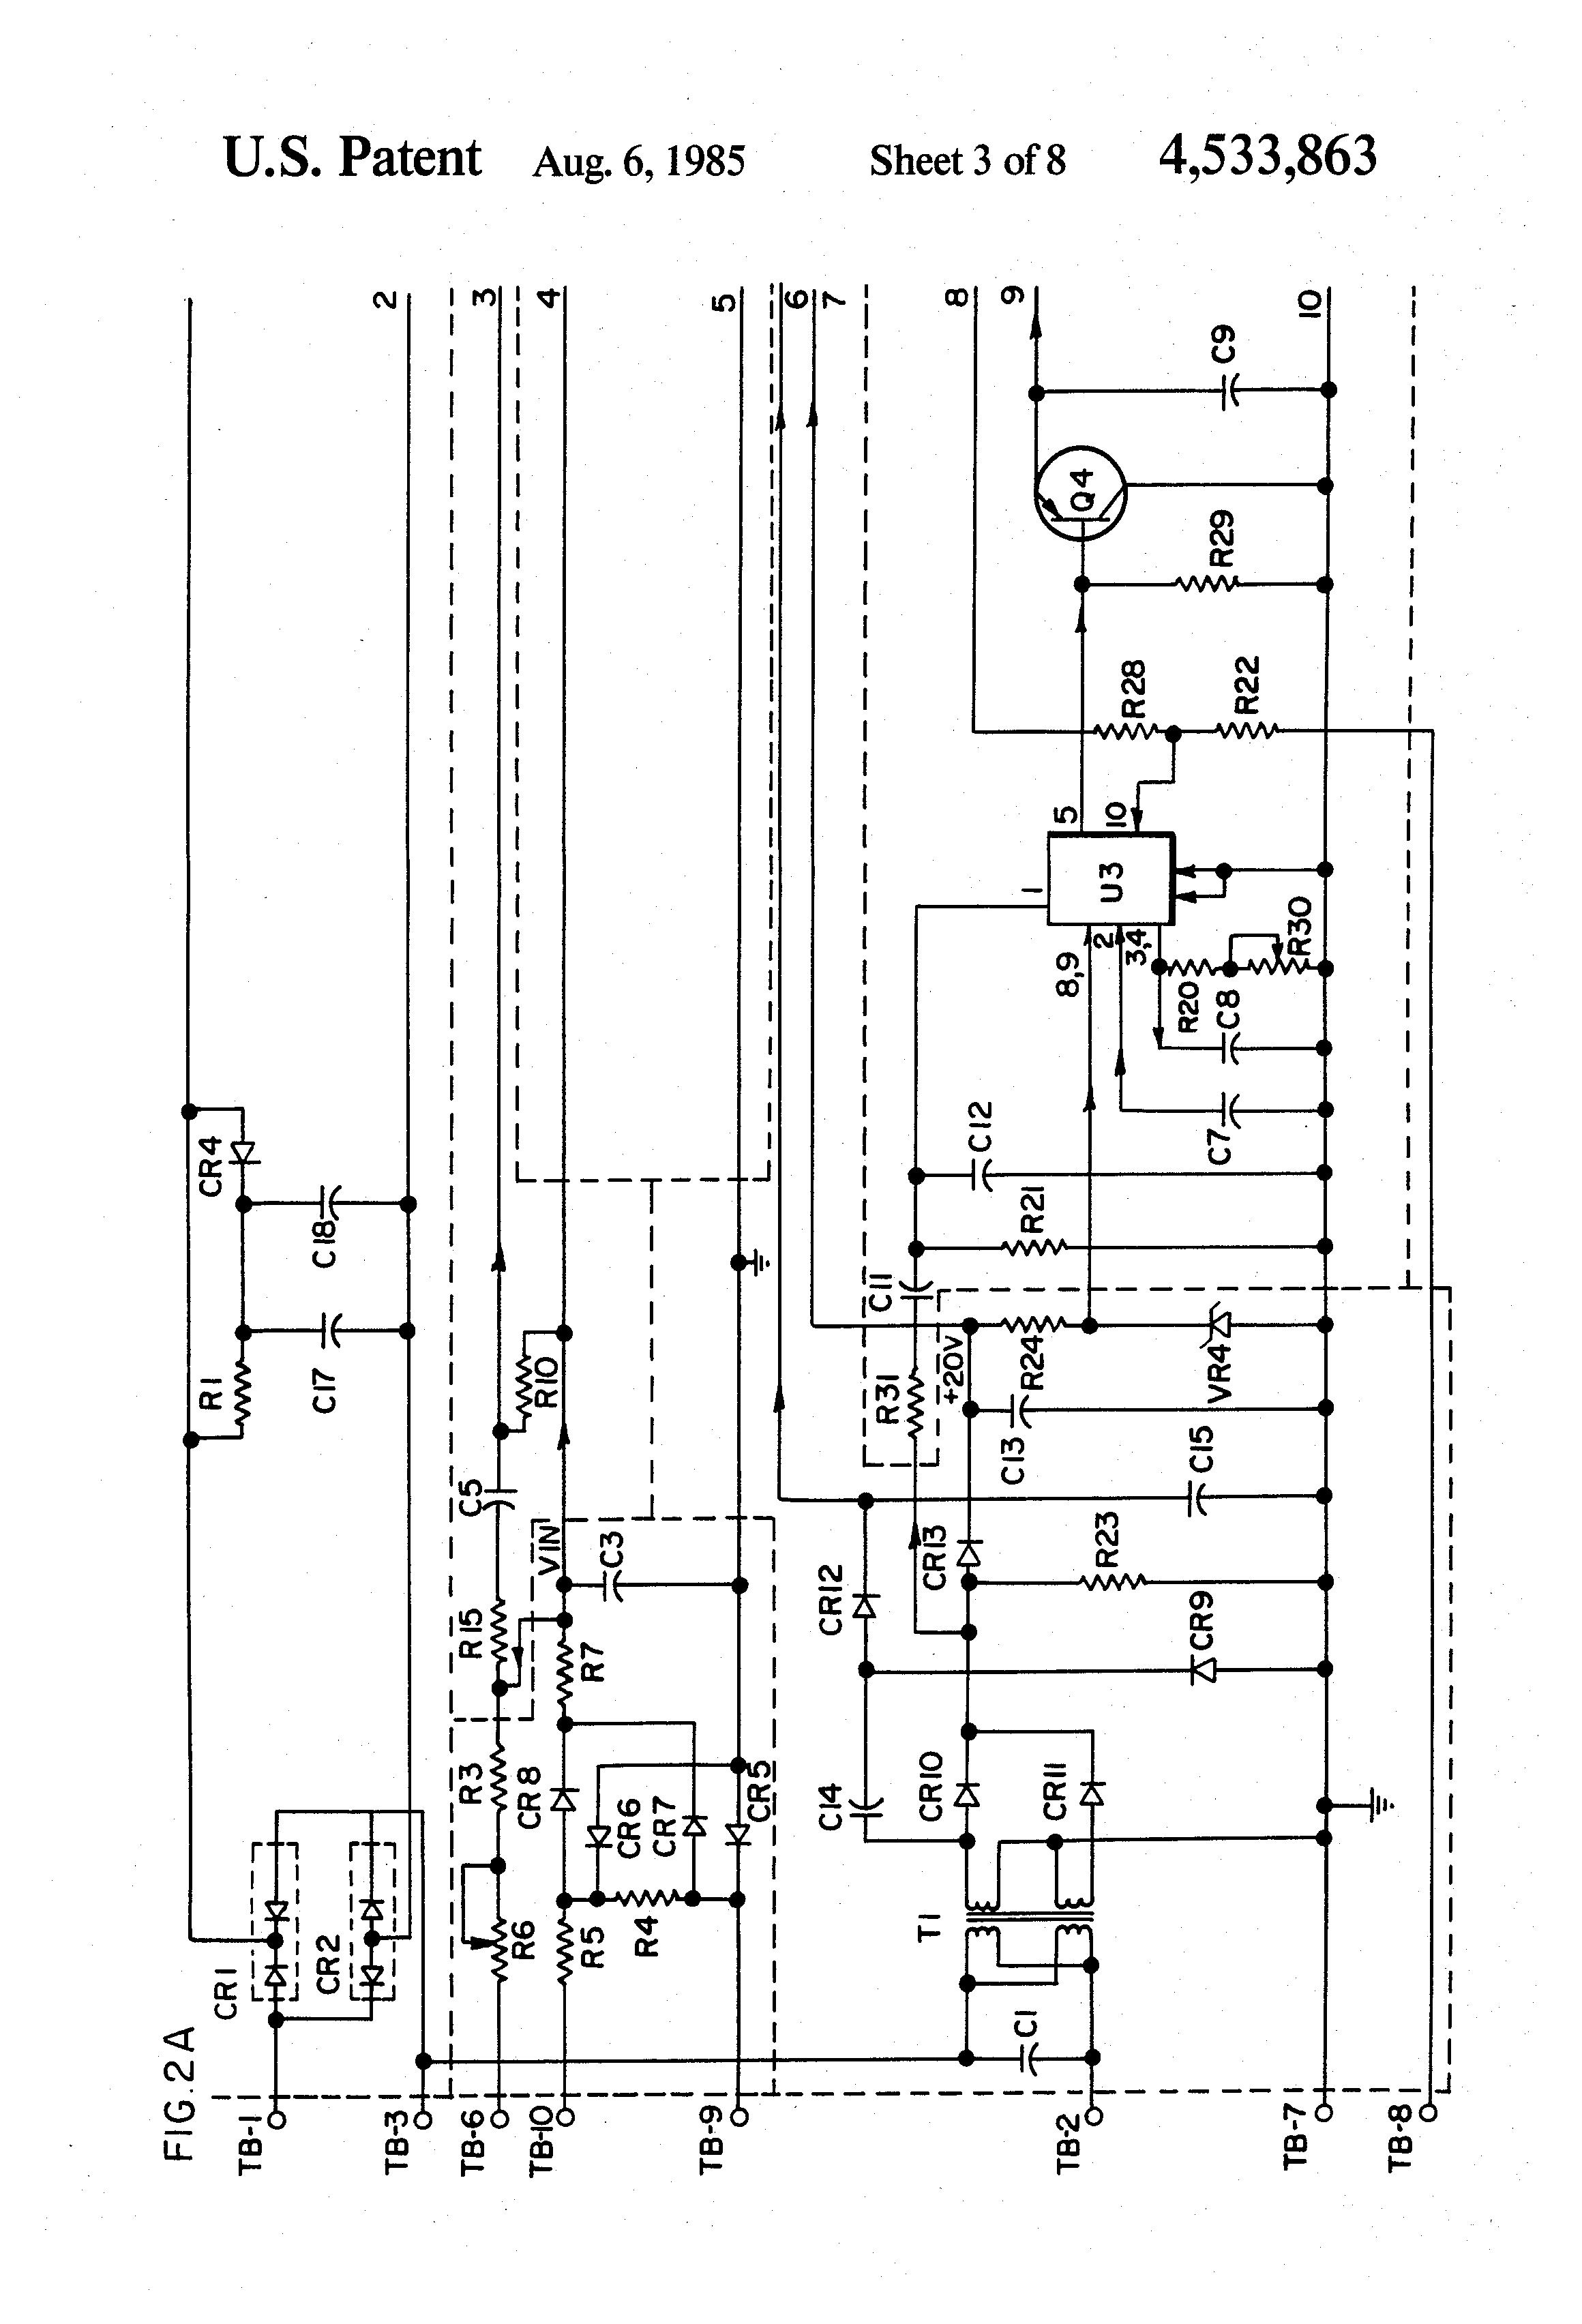 Onan generator output wiring diagram jk